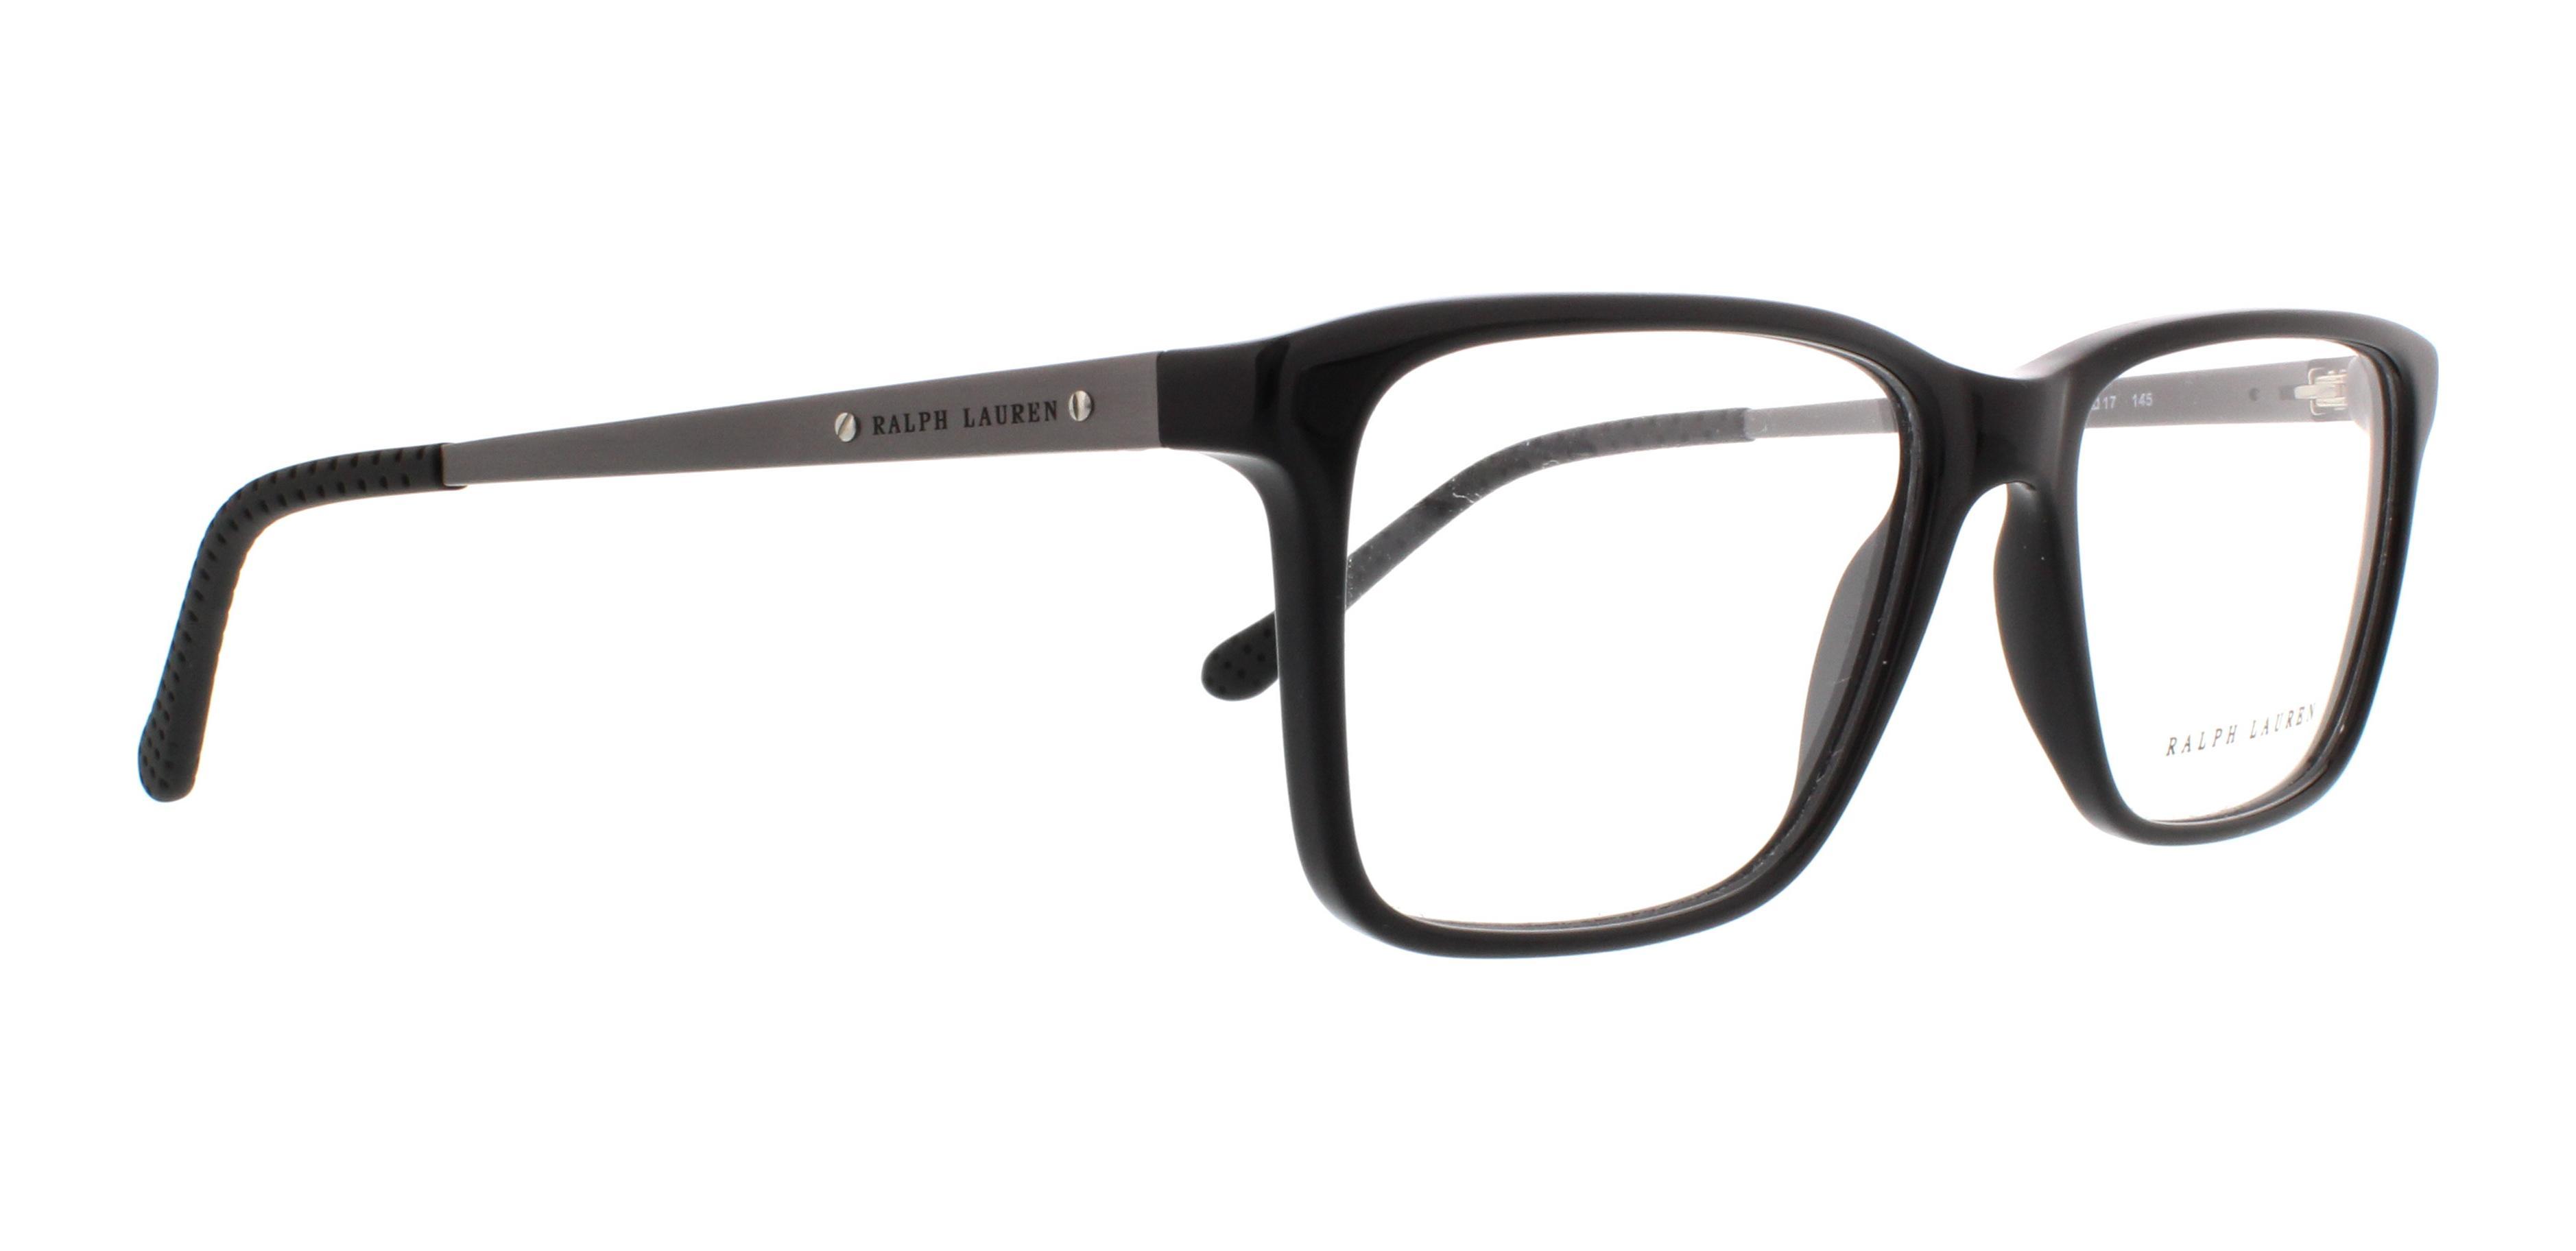 01c32d35892 RALPH LAUREN Eyeglasses RL6133 5001 Black 56MM 8053672418484